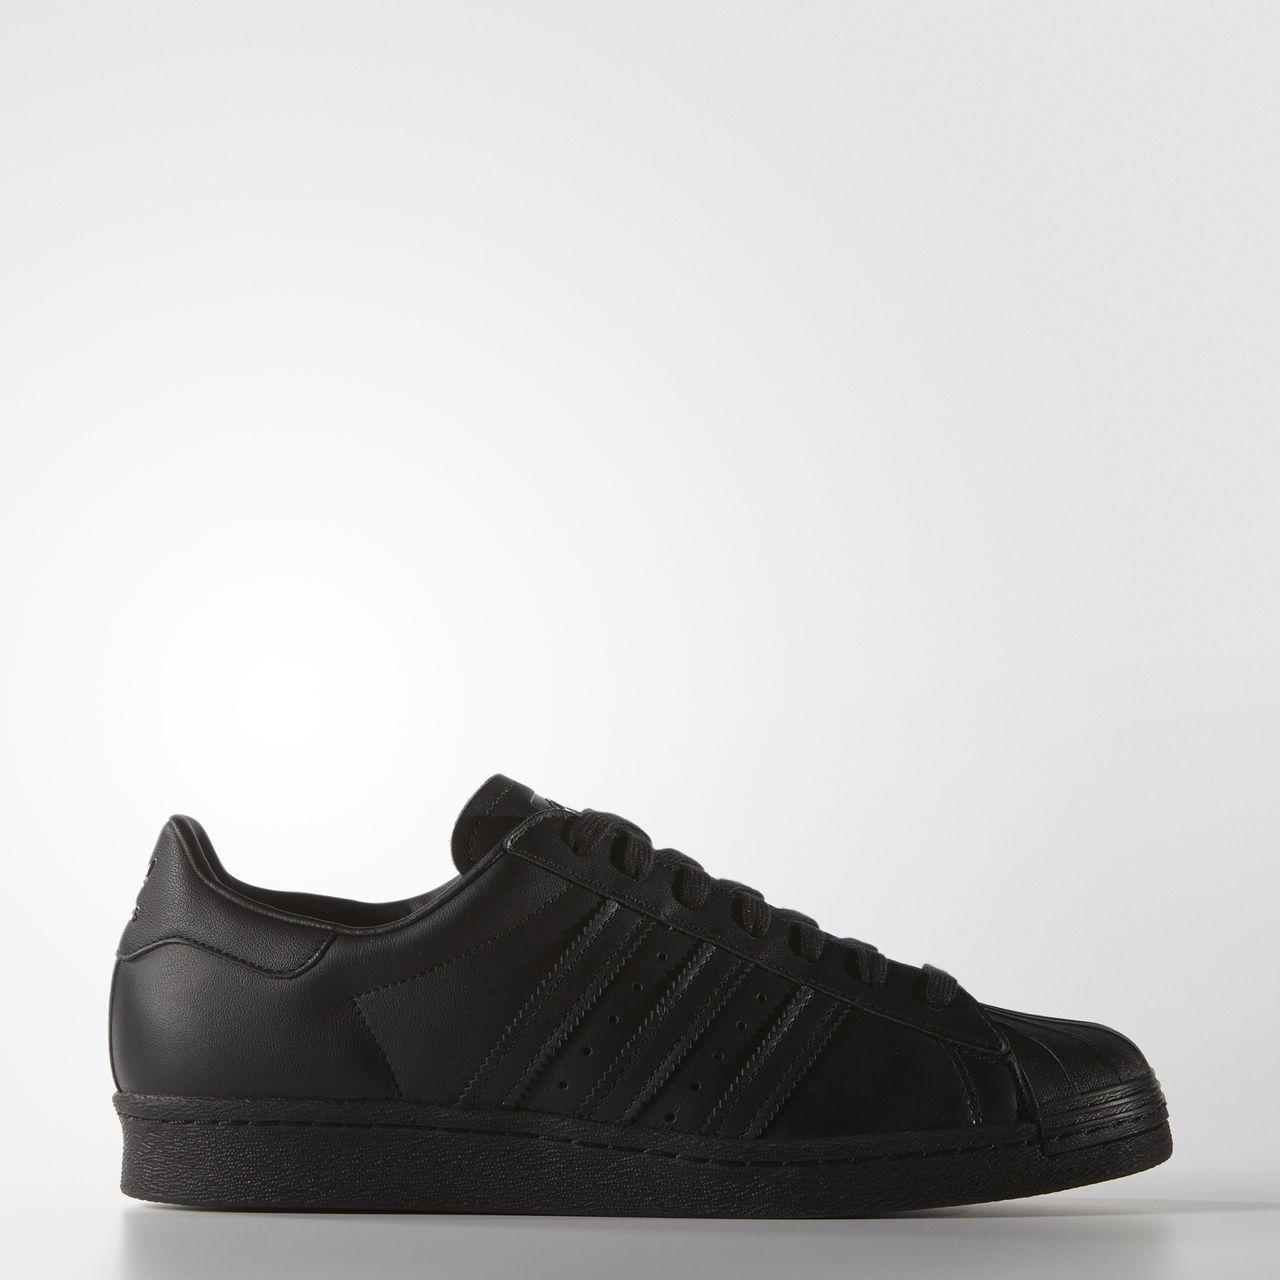 Adidas superstar degli scarpe anni '80 uomini le scarpe degli le scarpe 02a4c1